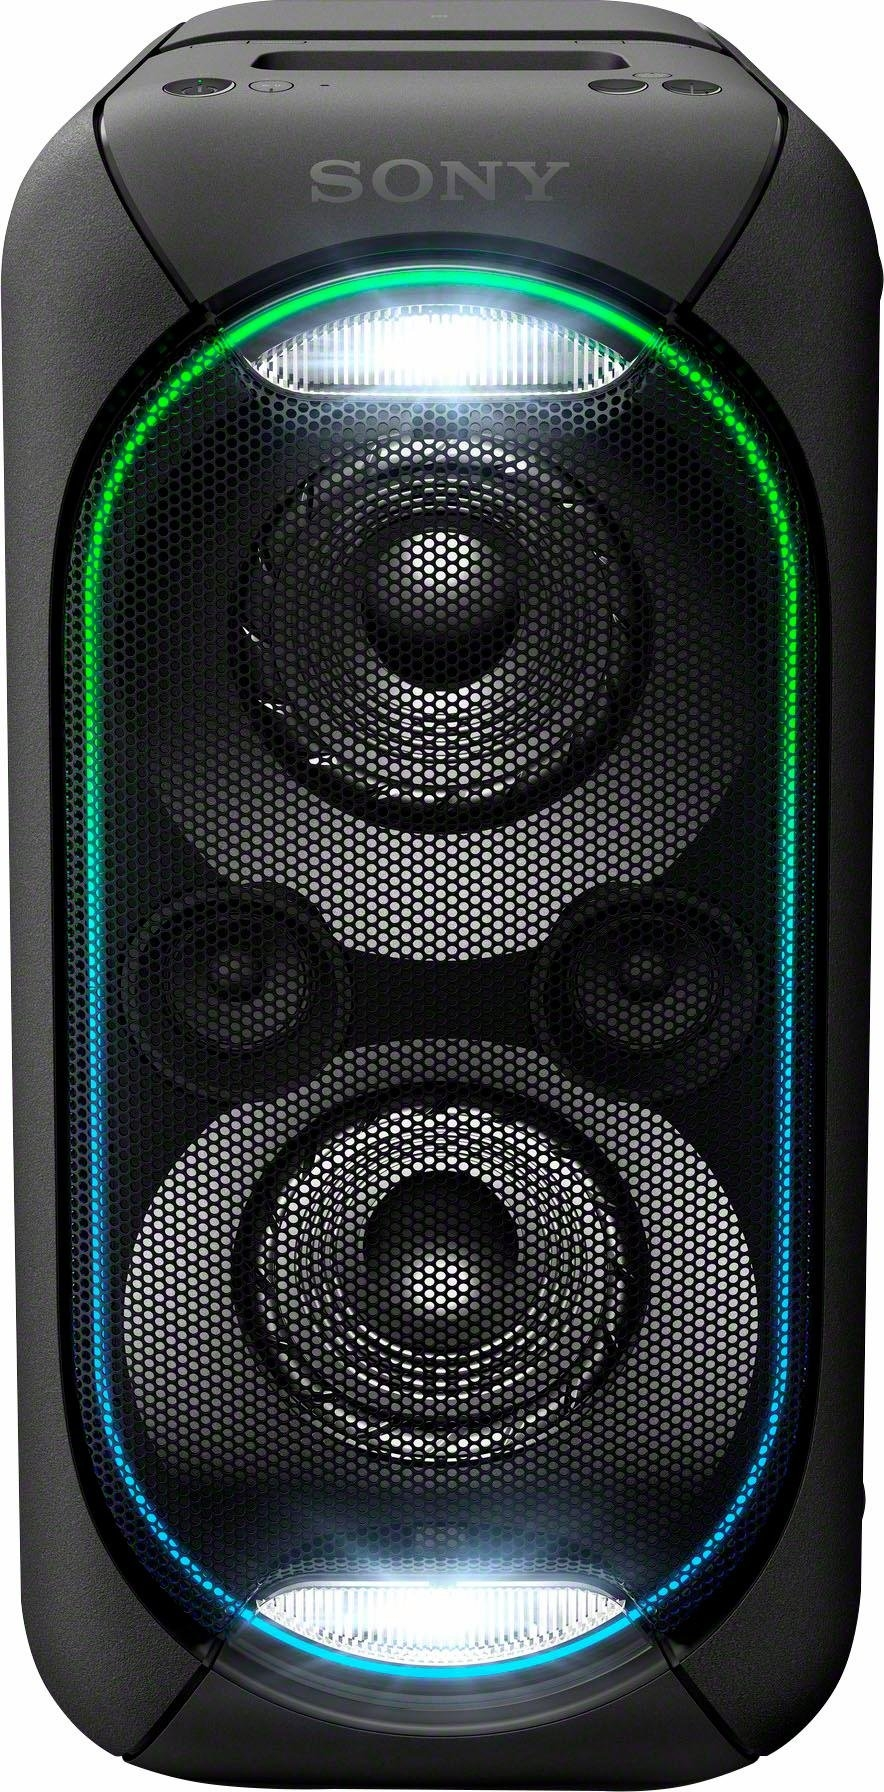 SONY GTK-XB60 compact krachtig one box-geluidssysteem - gratis ruilen op otto.nl